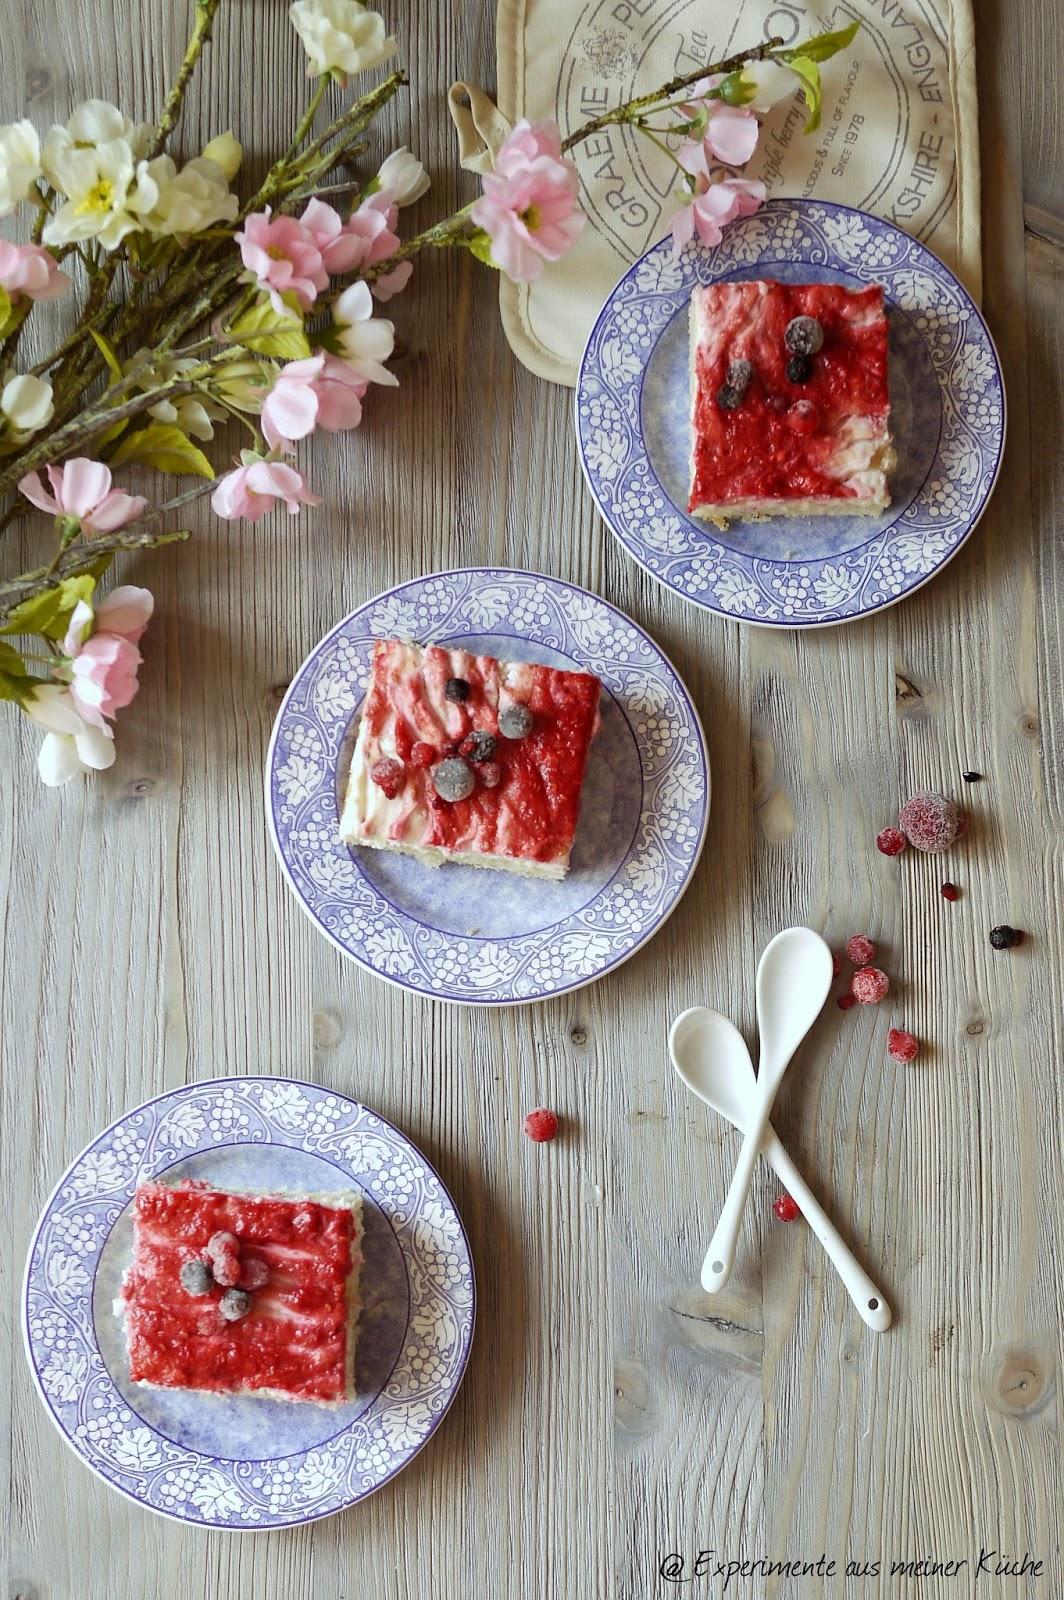 Experimente aus meiner Küche: Himbeer-Mandelgiotto-Kuchen